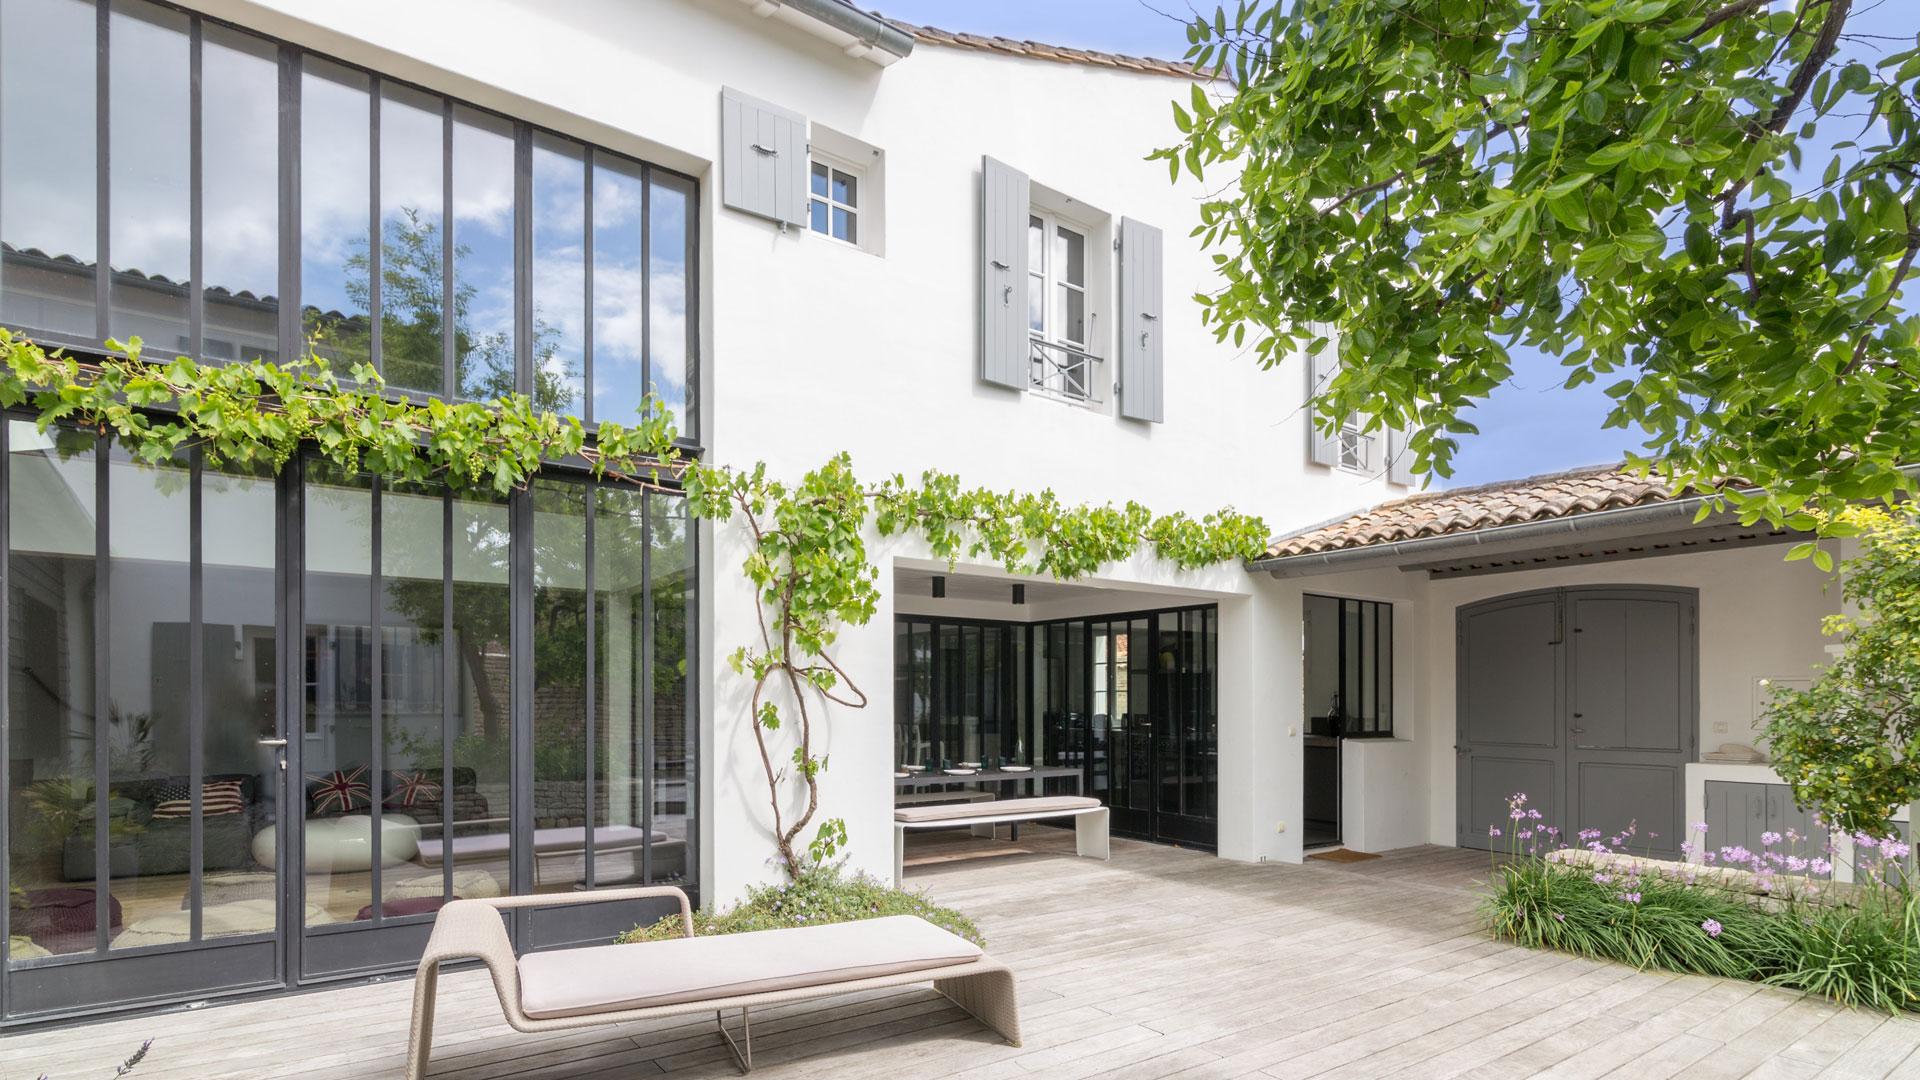 villa zadig villa mieten in le de r les portes en r villanovo. Black Bedroom Furniture Sets. Home Design Ideas